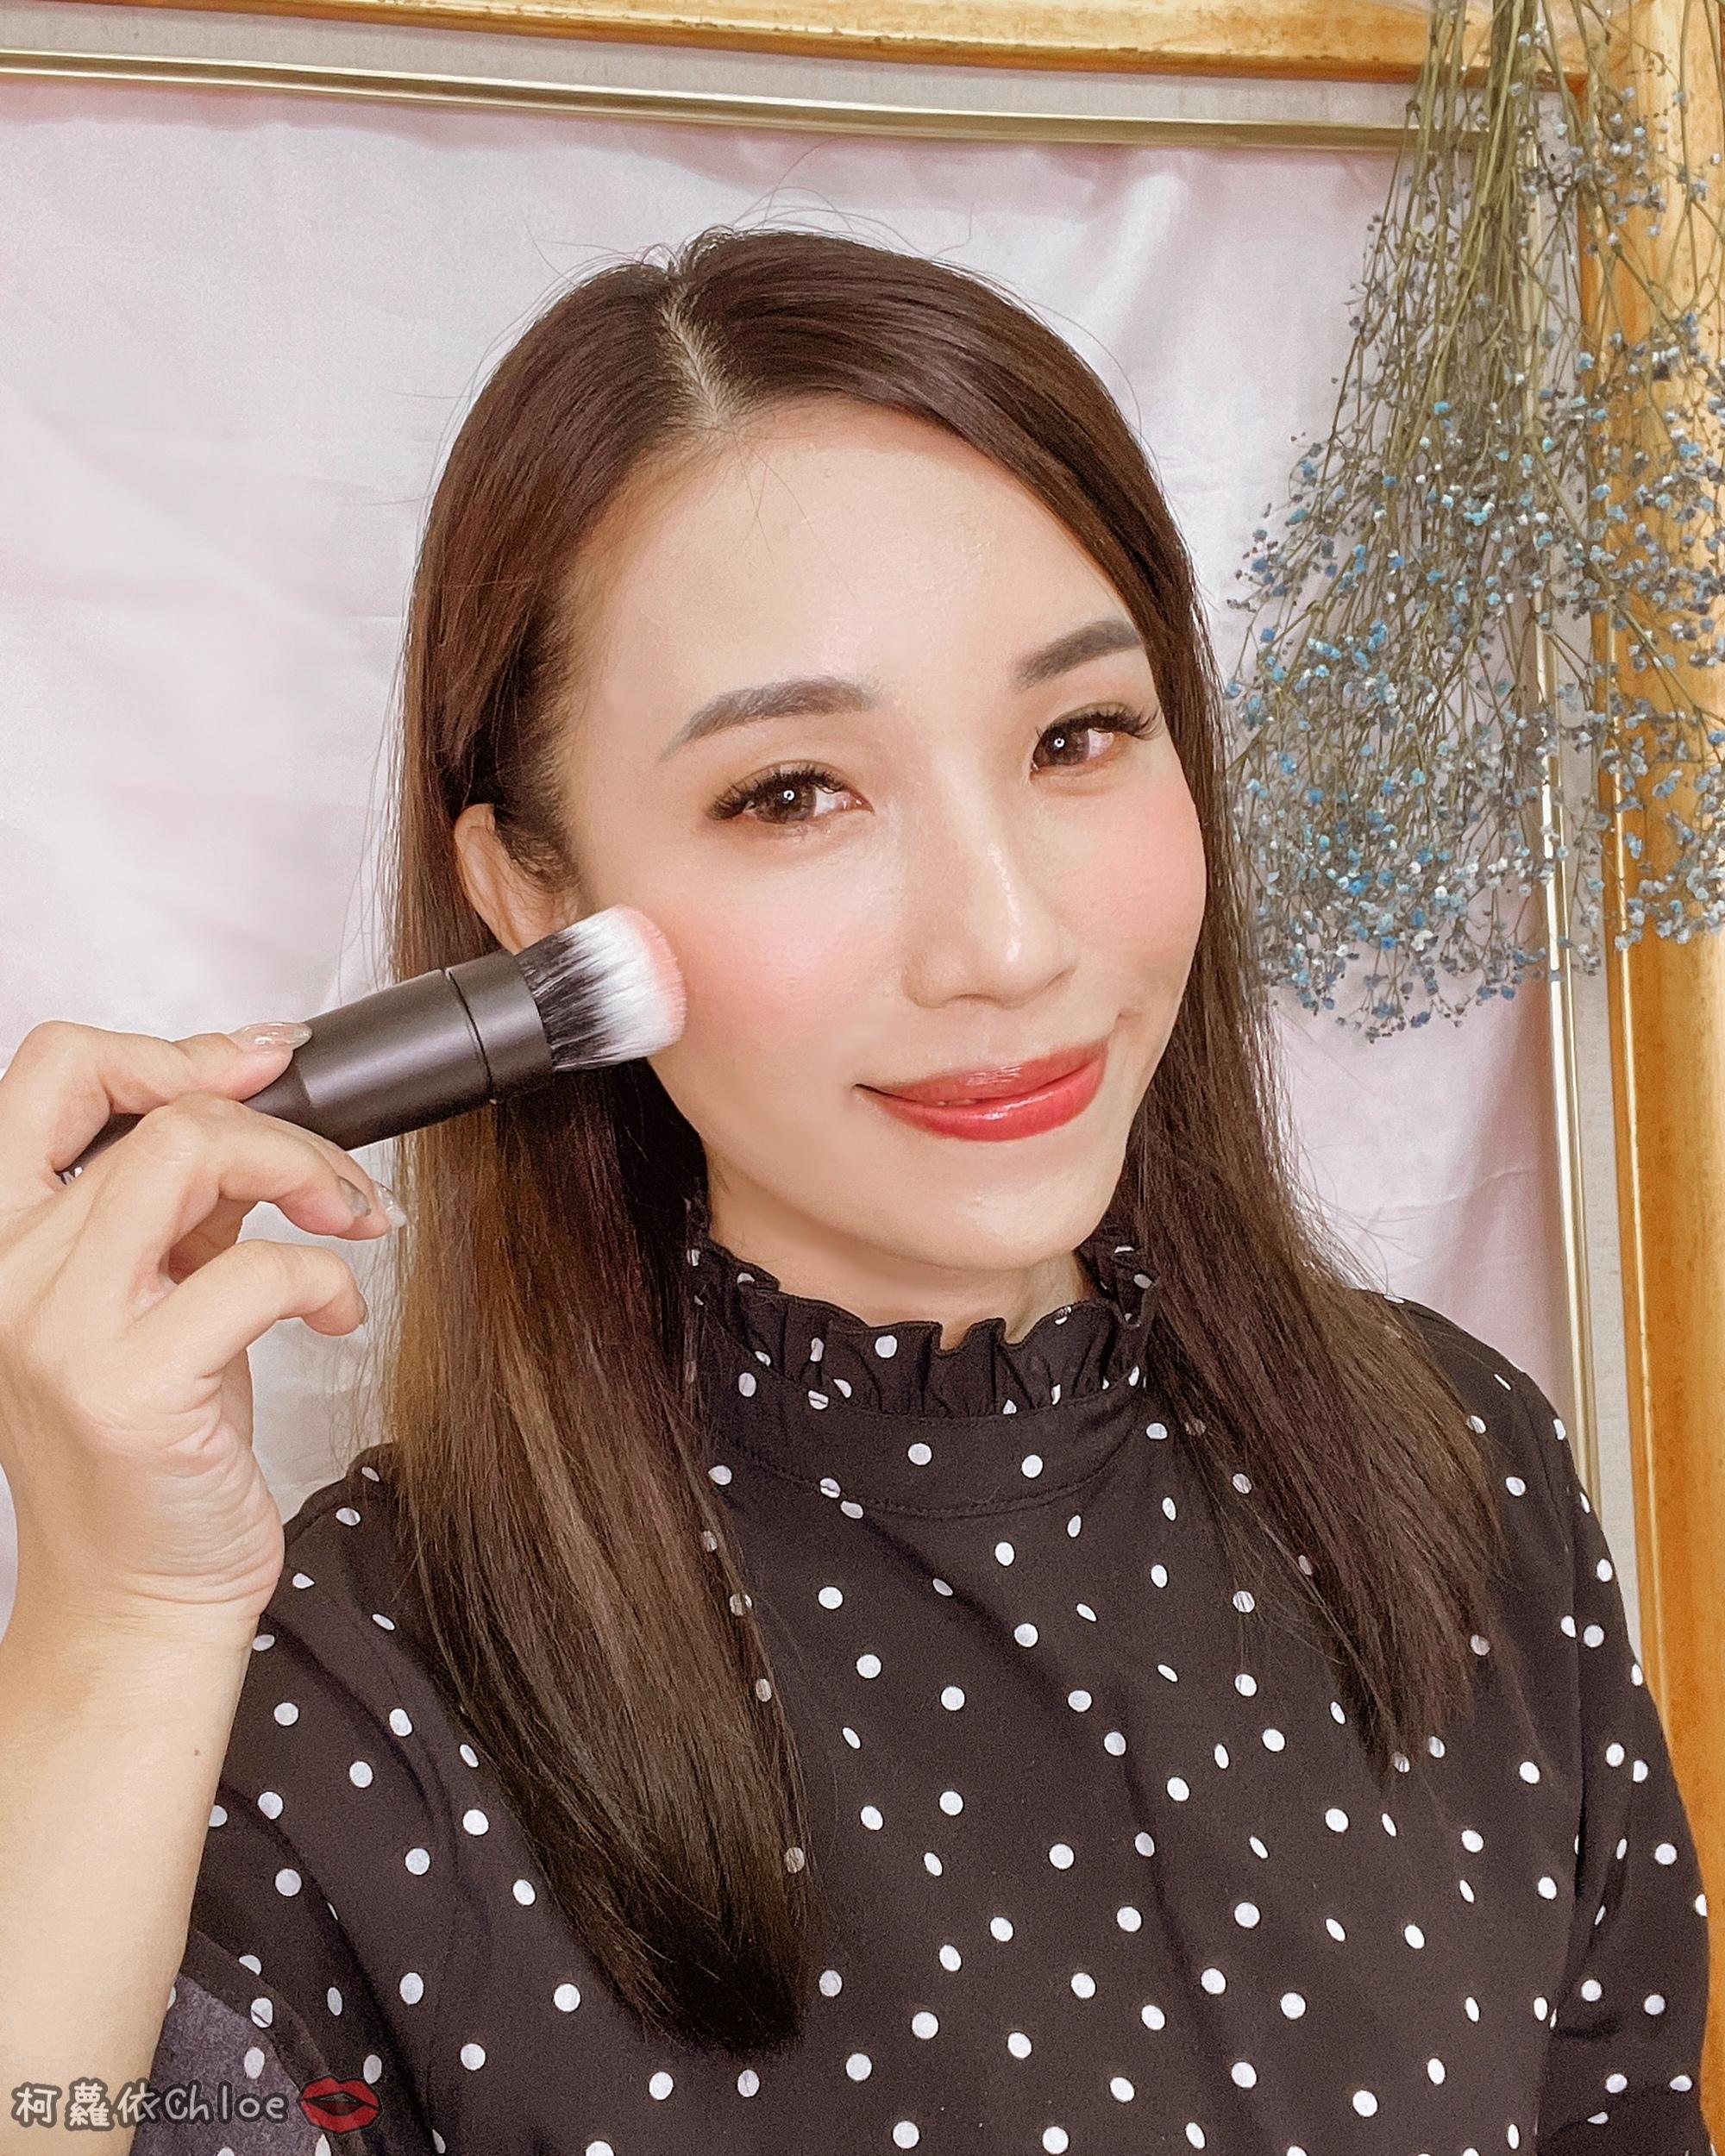 彩妝工具推薦 blendSMART電動化妝刷 達人套裝開箱 上妝輕柔更有效率28.jpg